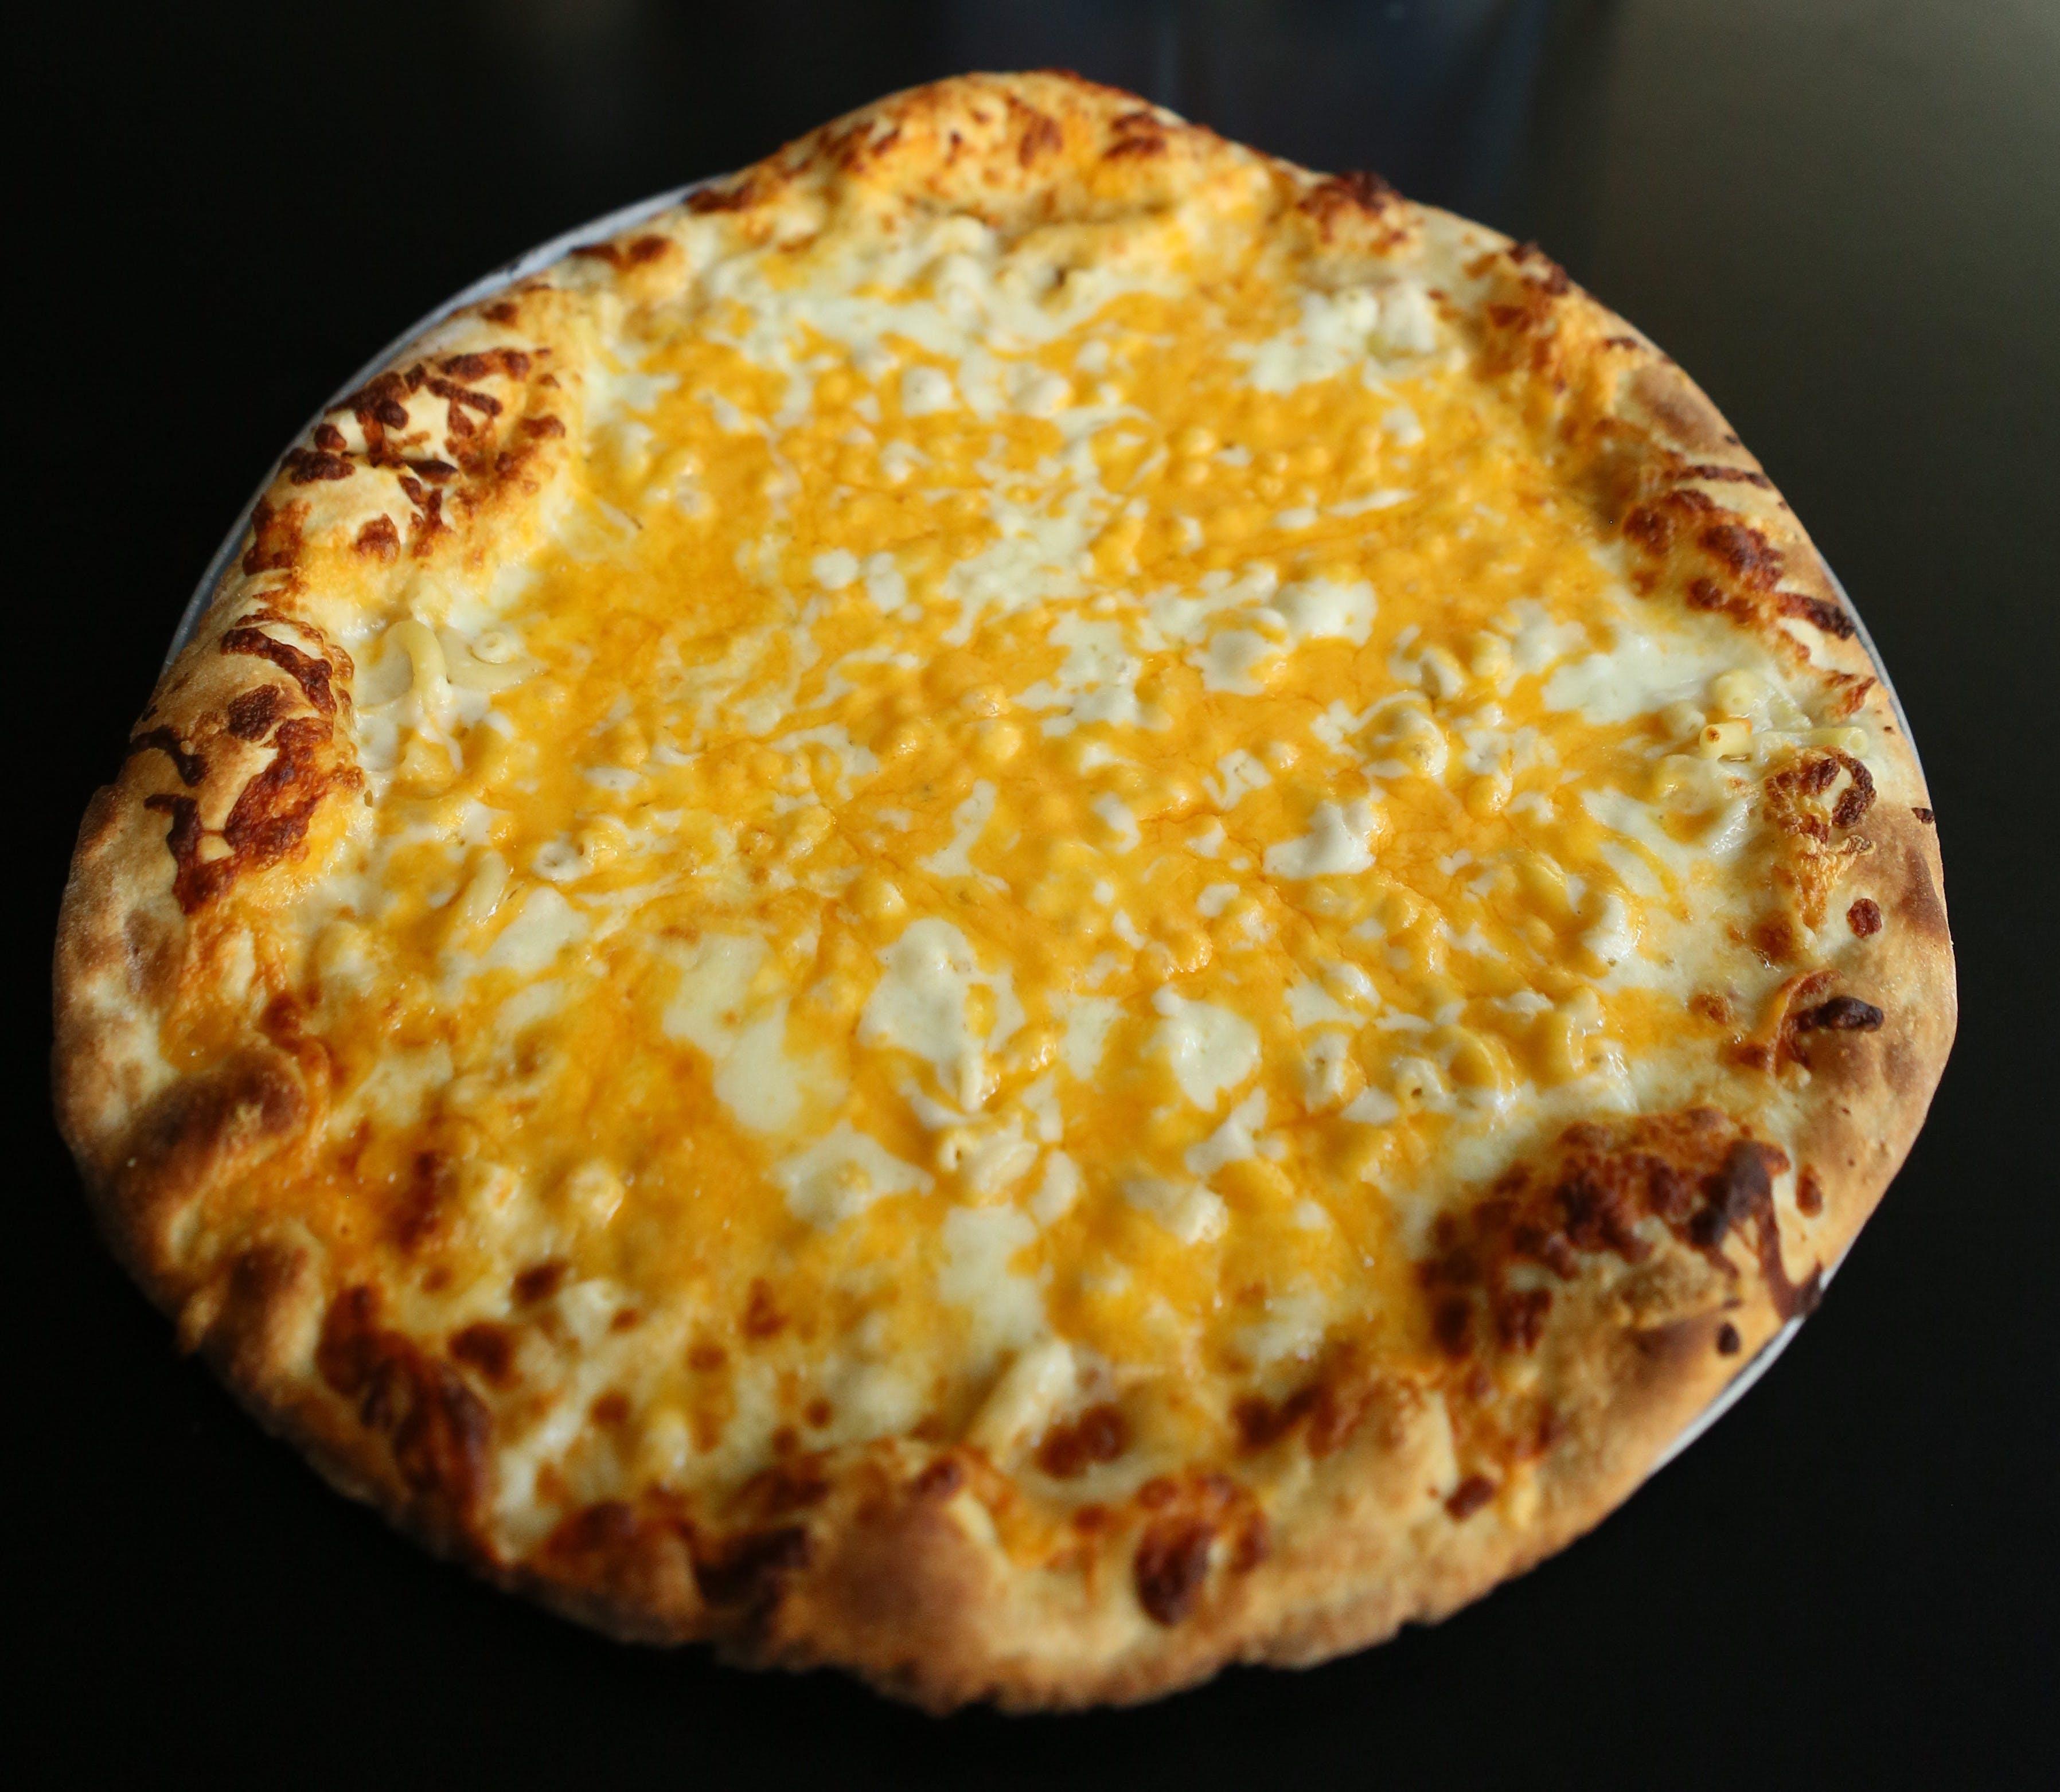 Mac N Cheese Pizza from Falbo Bros. Pizzeria - Sun Prairie in Sun Prairie, WI